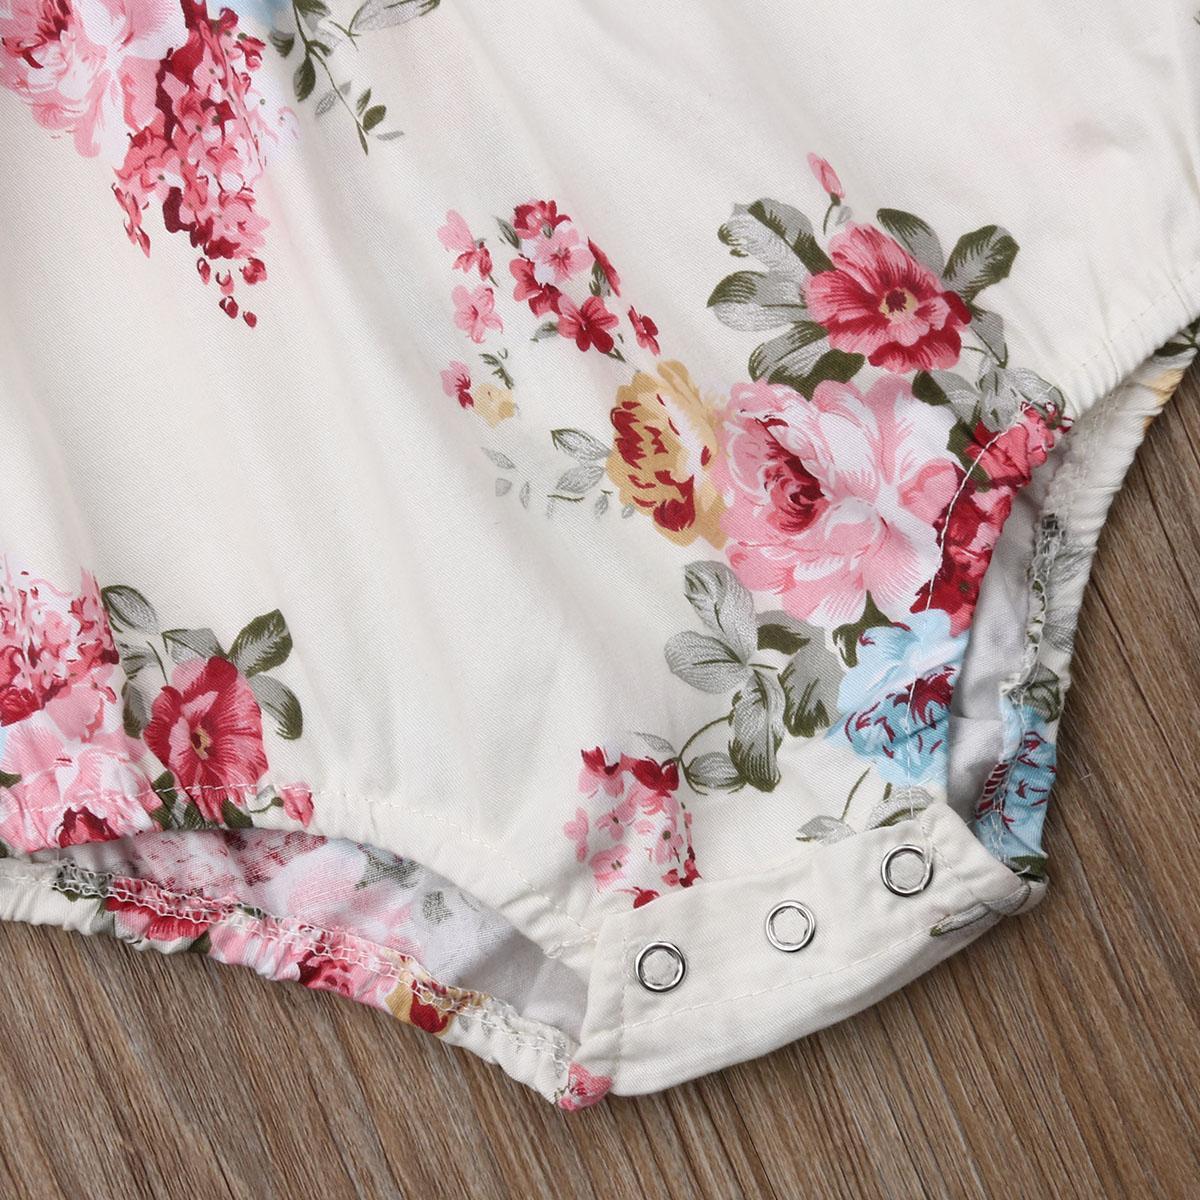 Newborn neonate Body Outfits principessa Cute tute floreali Abbigliamento fascia Imposta infantile Costumi Little Baby